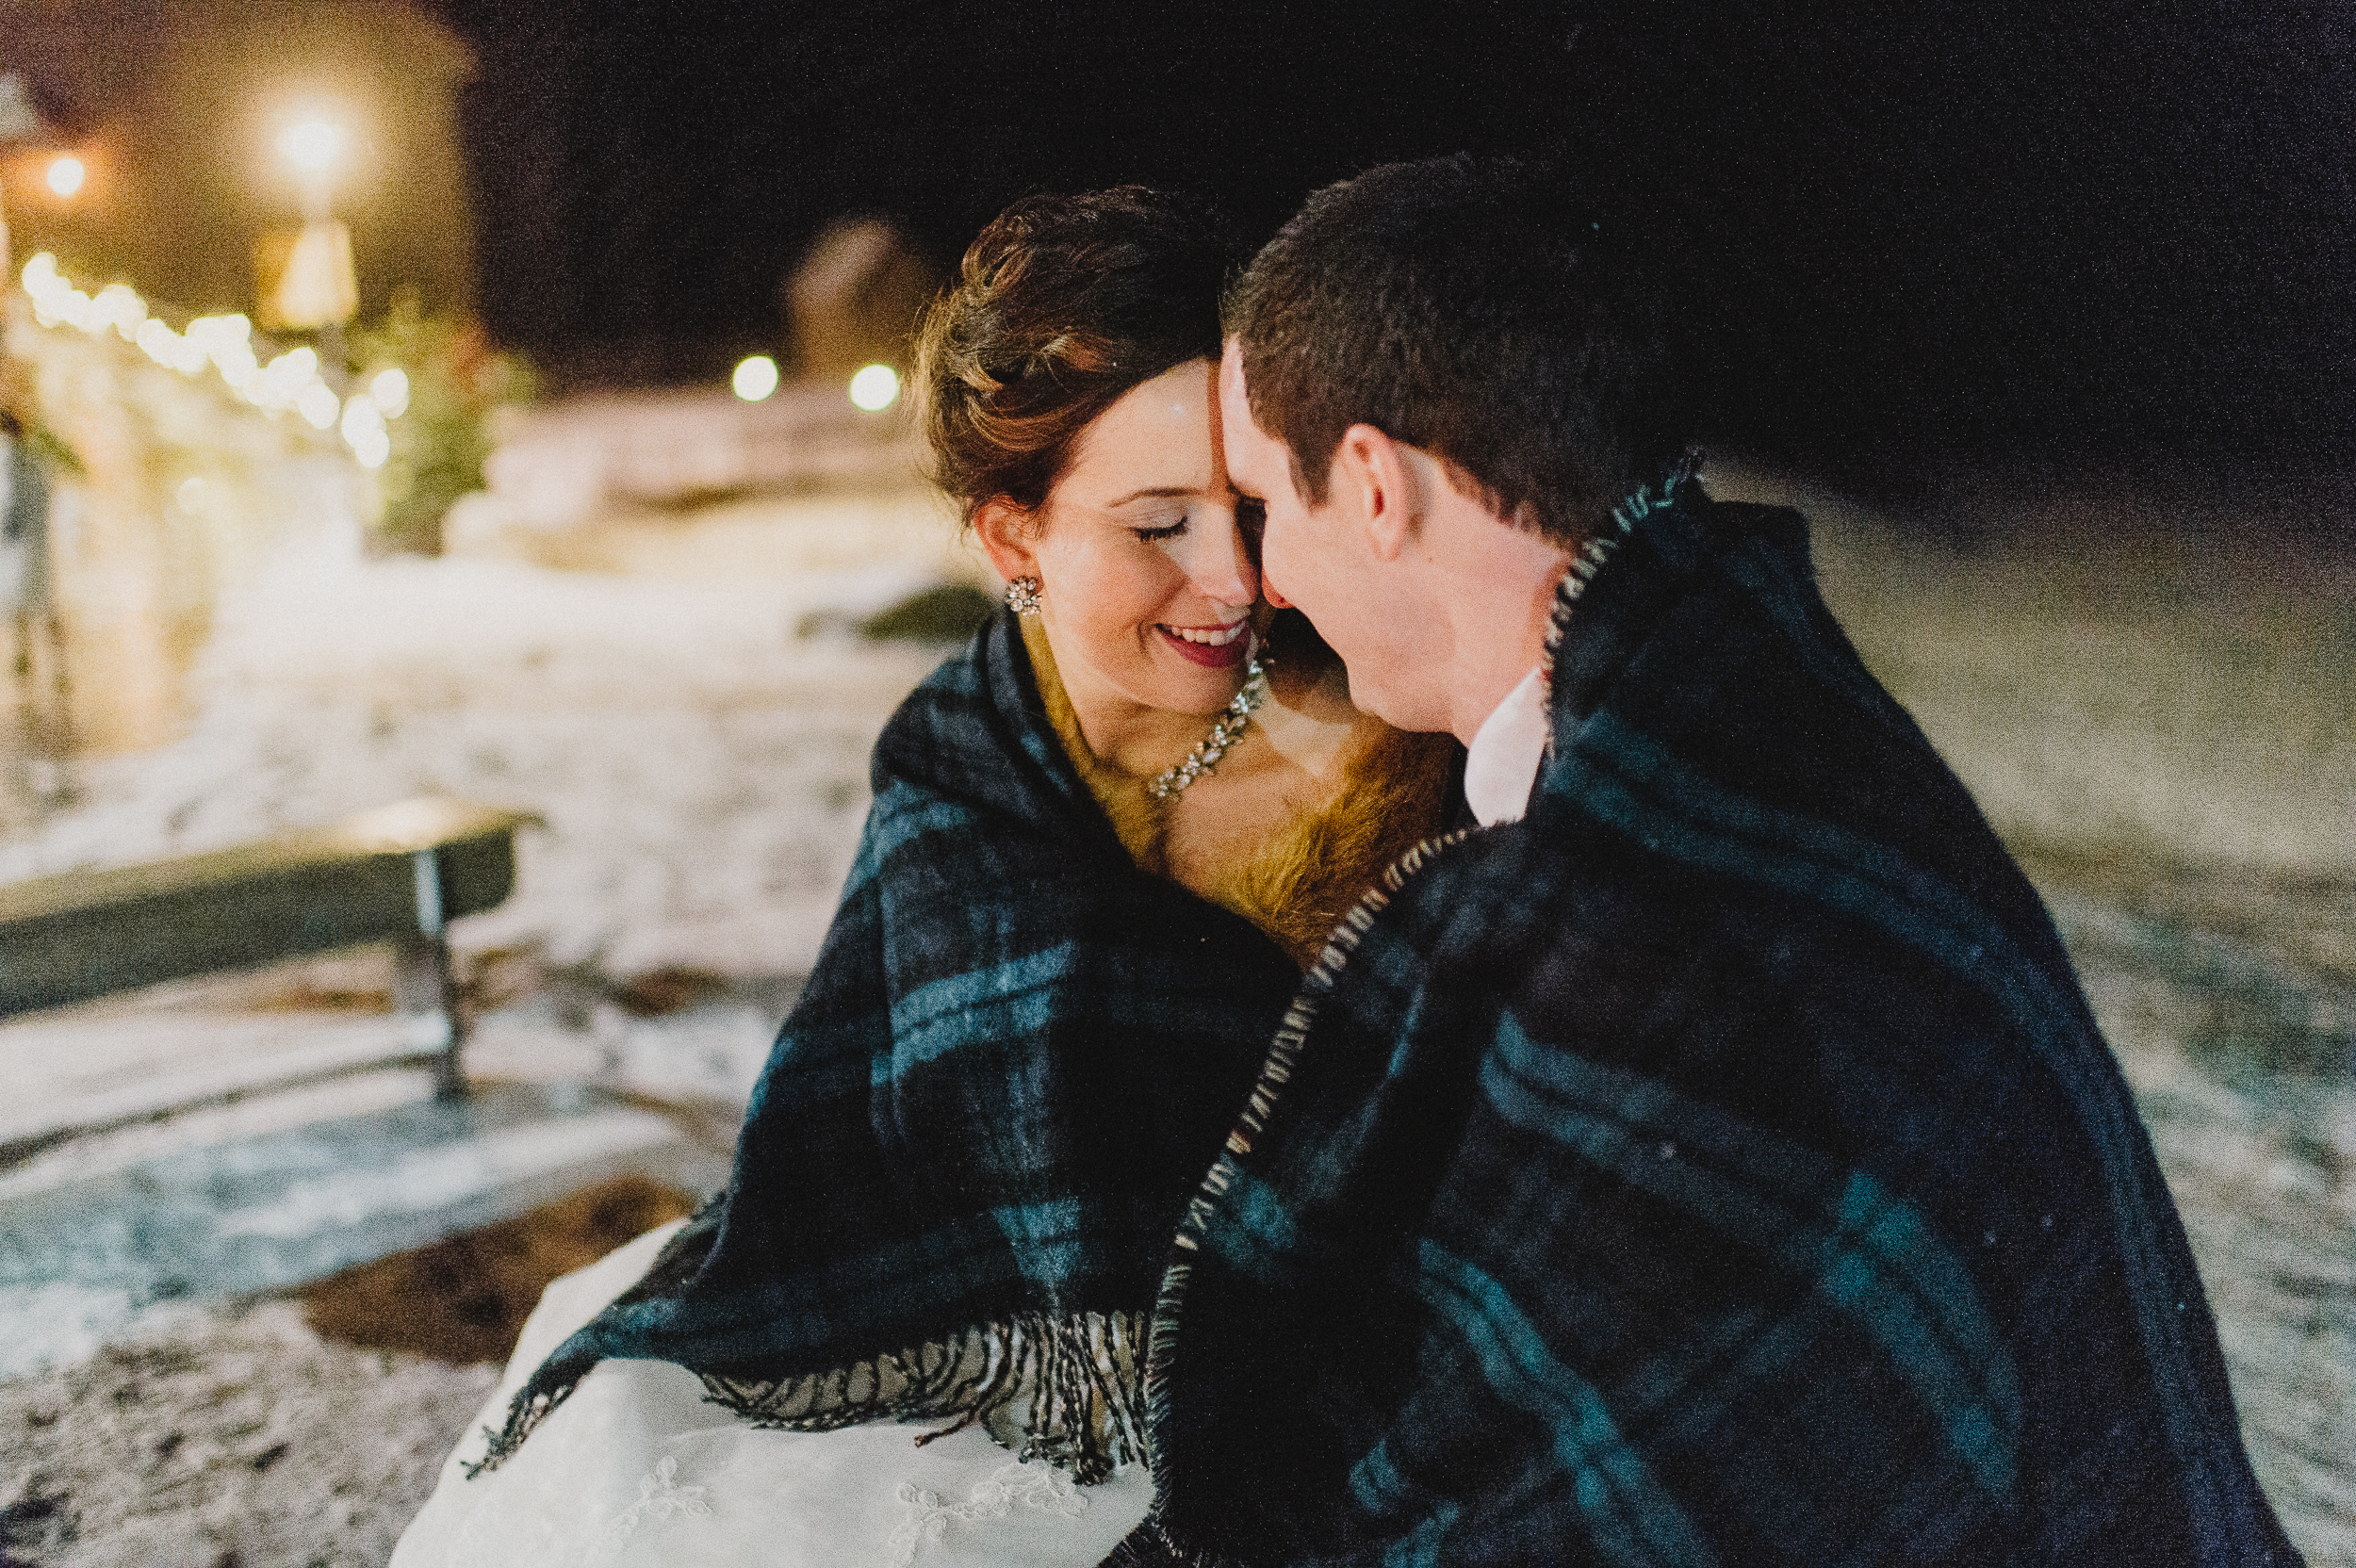 vermont-destination-wedding-photographer-55.jpg